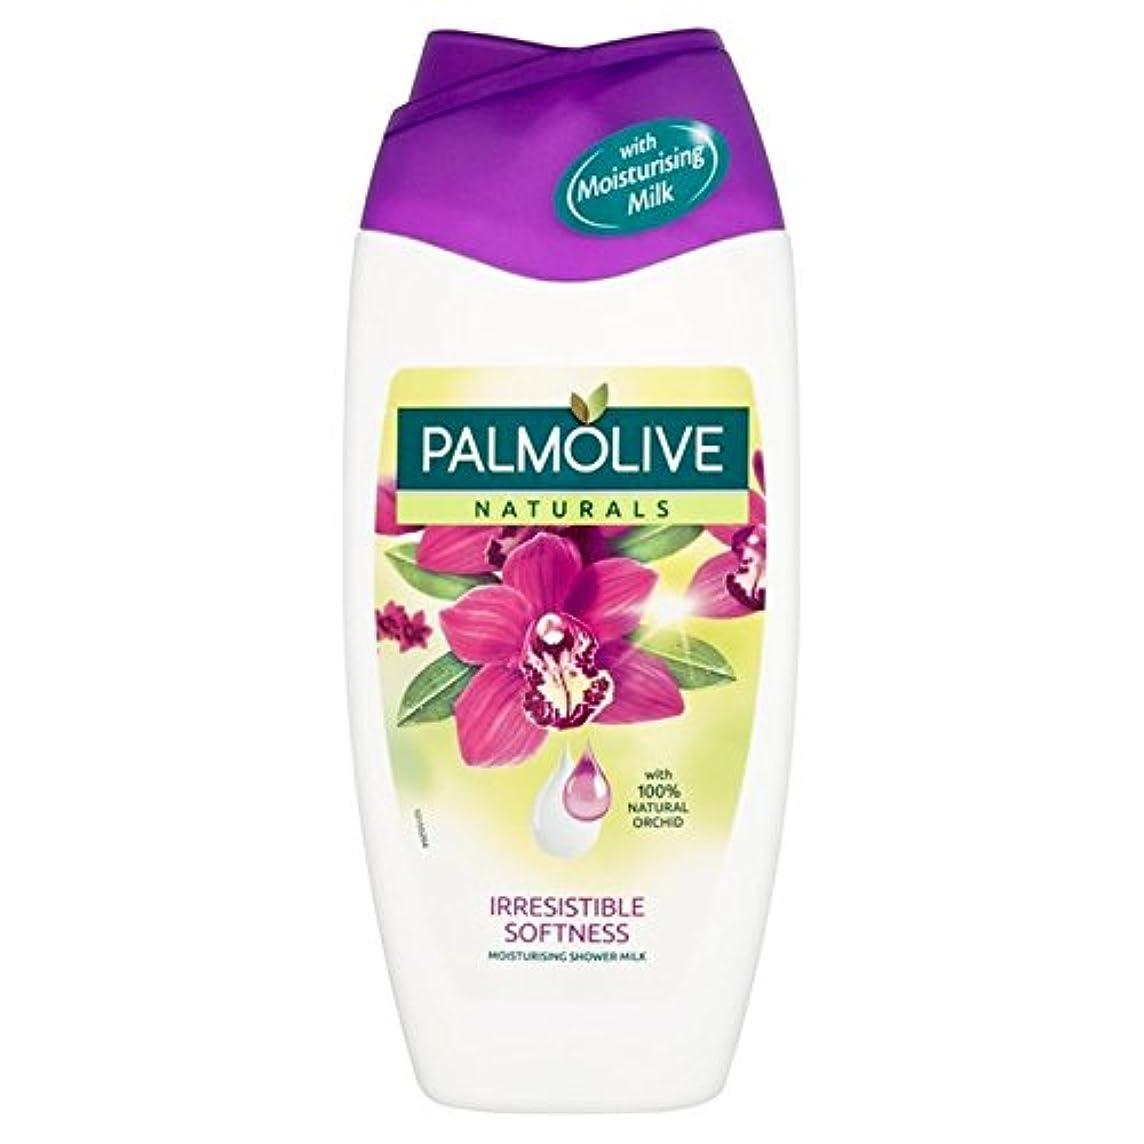 グリル作成者克服するPalmolive Naturals Shower Black Orchid 250ml - パルモナチュラルシャワー黒蘭の250ミリリットル [並行輸入品]